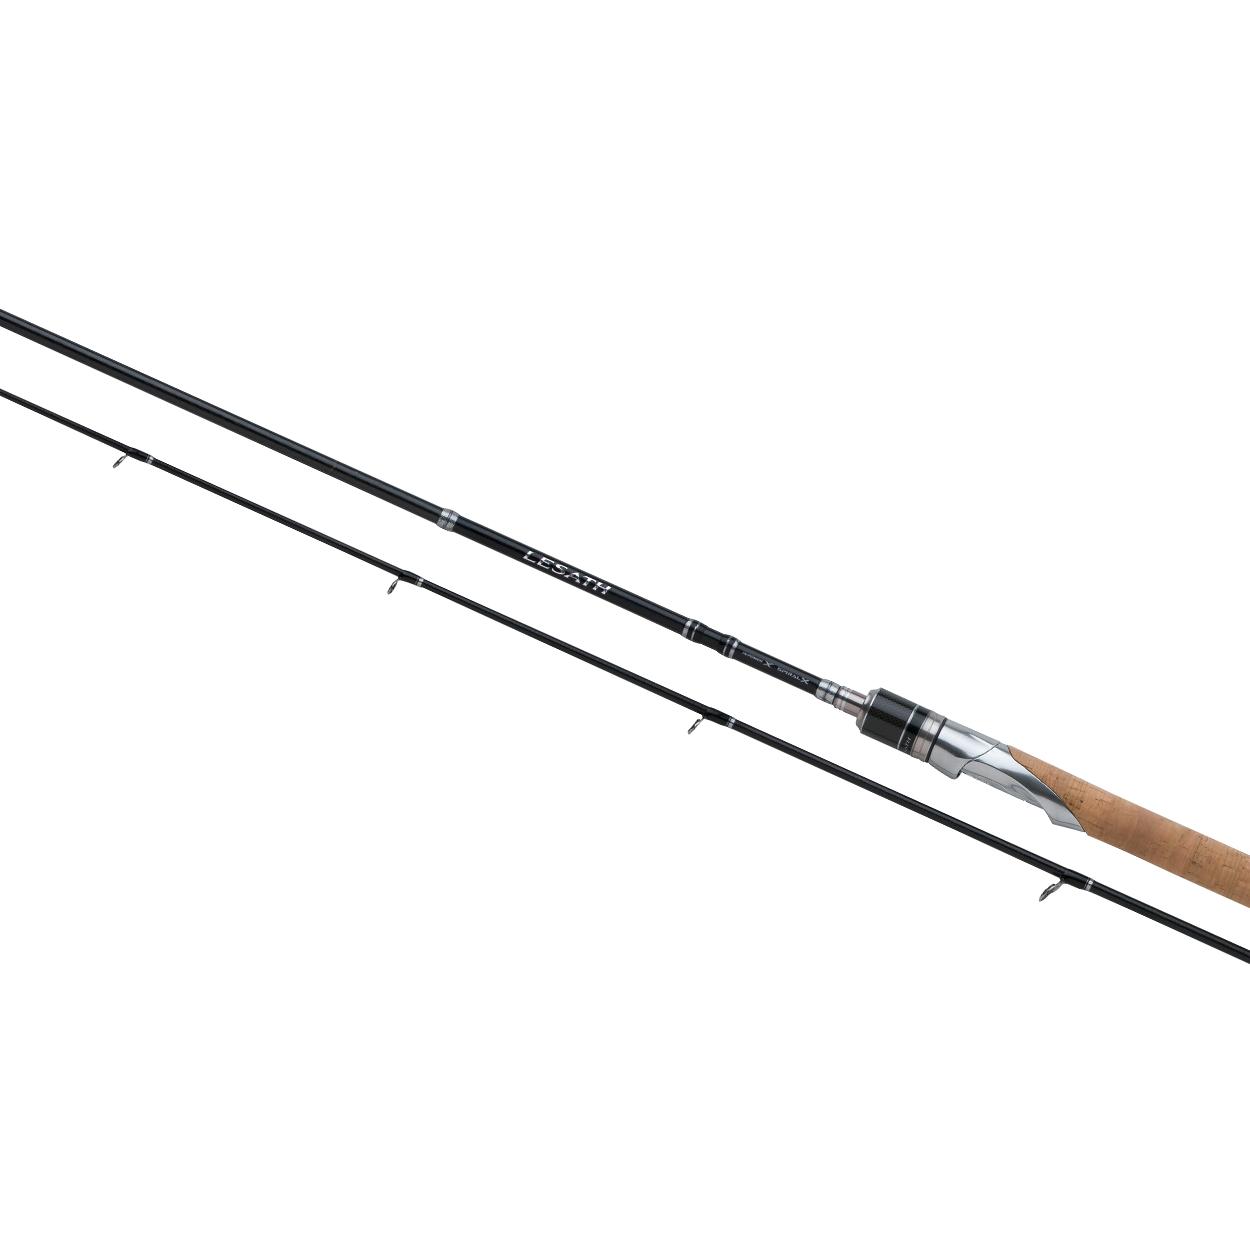 Удилище спиннинговое Shimano LESATH DX SPINNING 8'6 XH SS (+ Леска в подарок!)